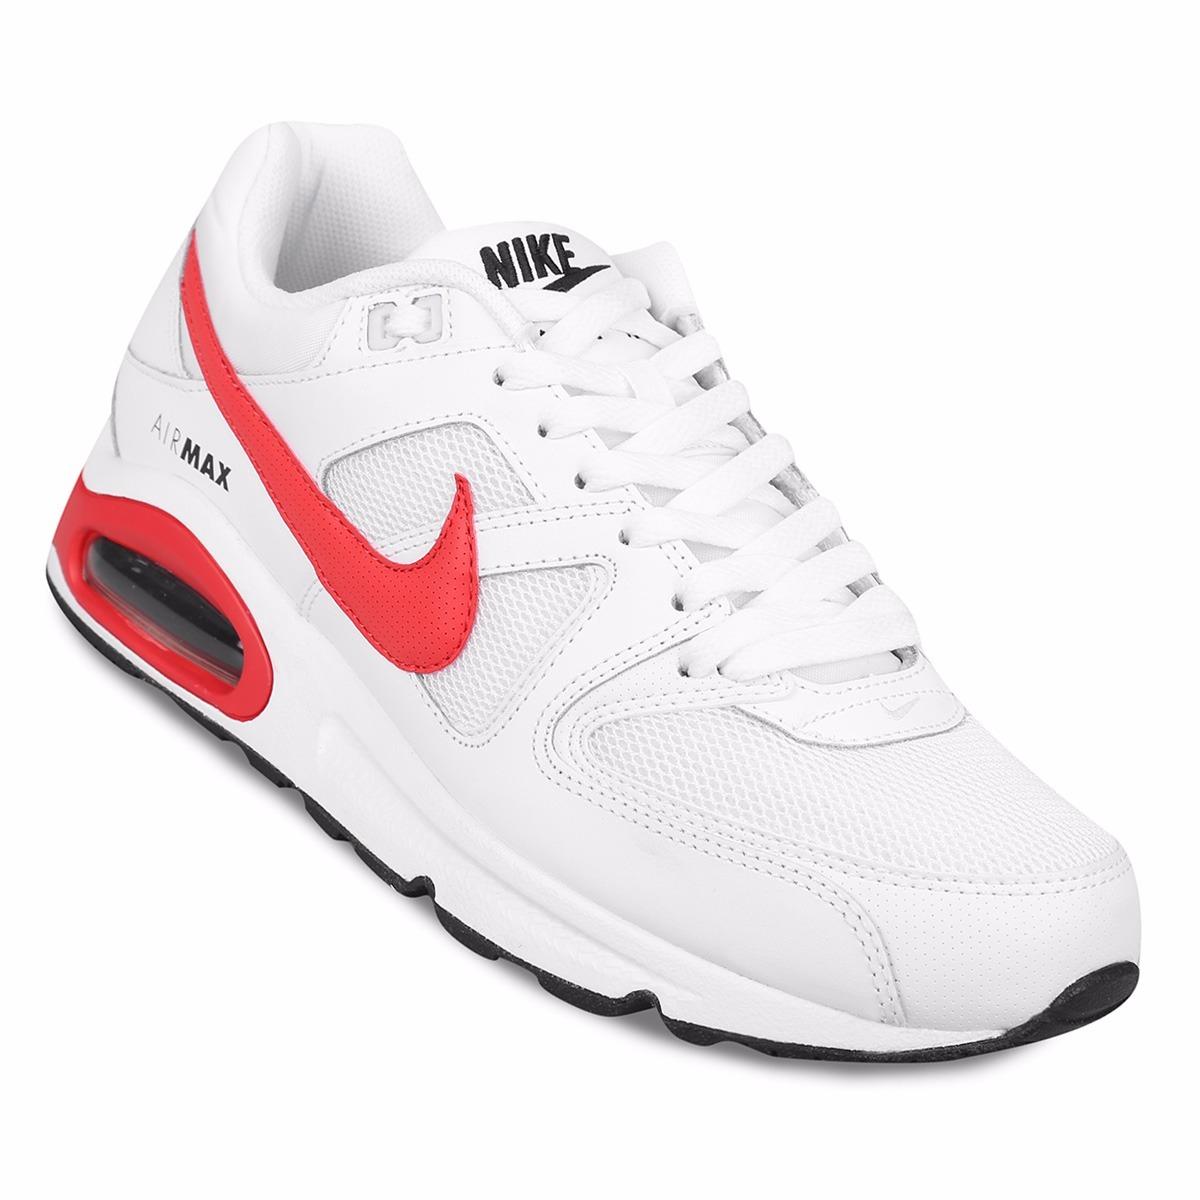 best sneakers db487 c0644 zapatillas nike air max command blanco + rojo - originales. Cargando zoom.